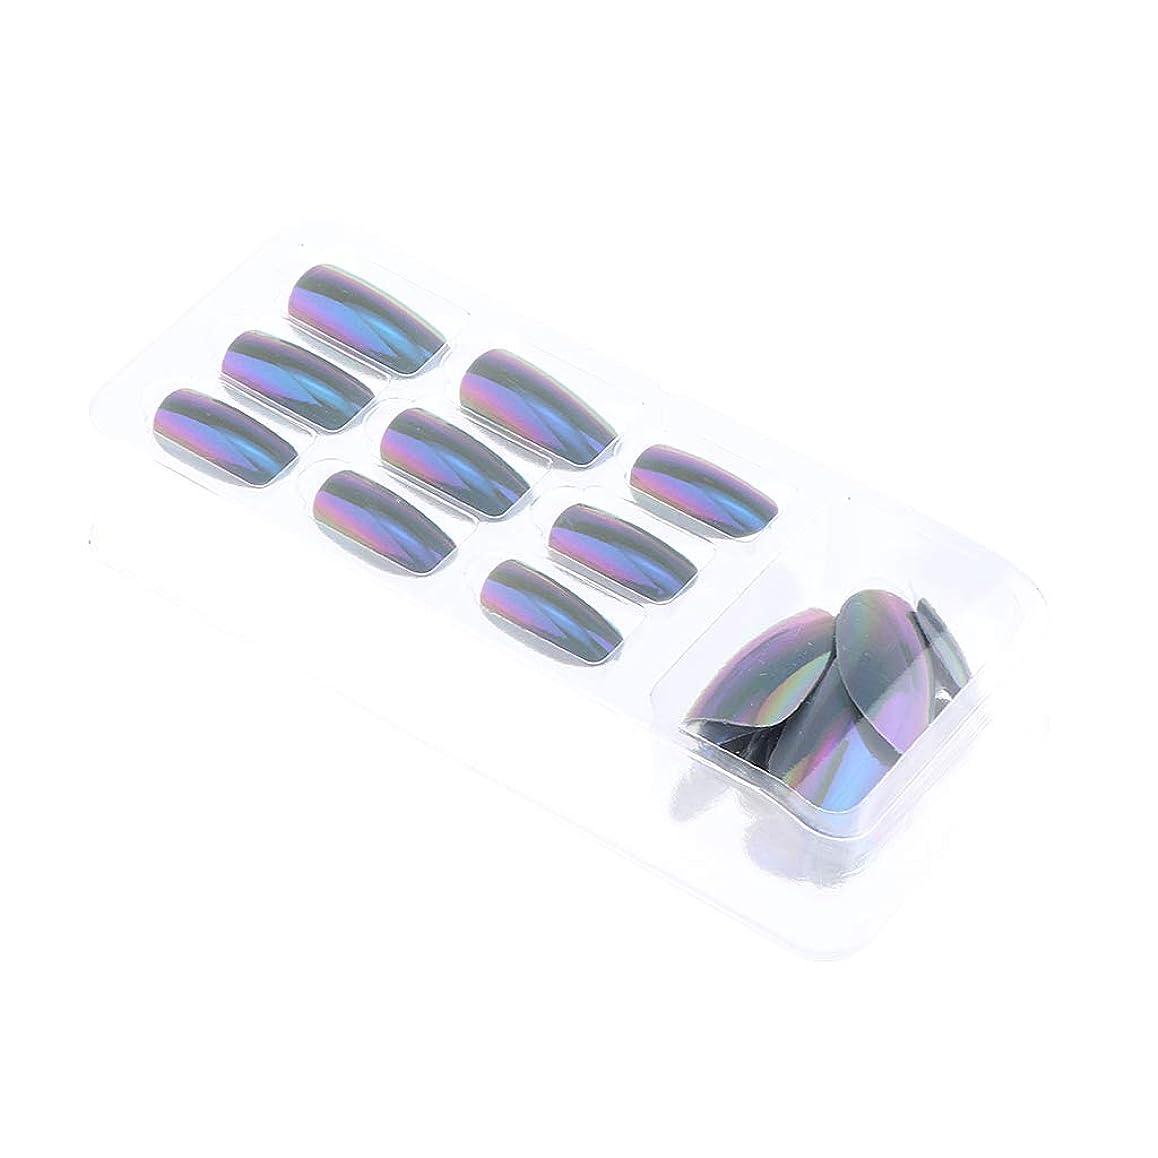 フィードシーン債務者B Blesiya 約24個 人工爪 ネイルアート ネイルヒント DIY ネイル道具 6色選べ - 02